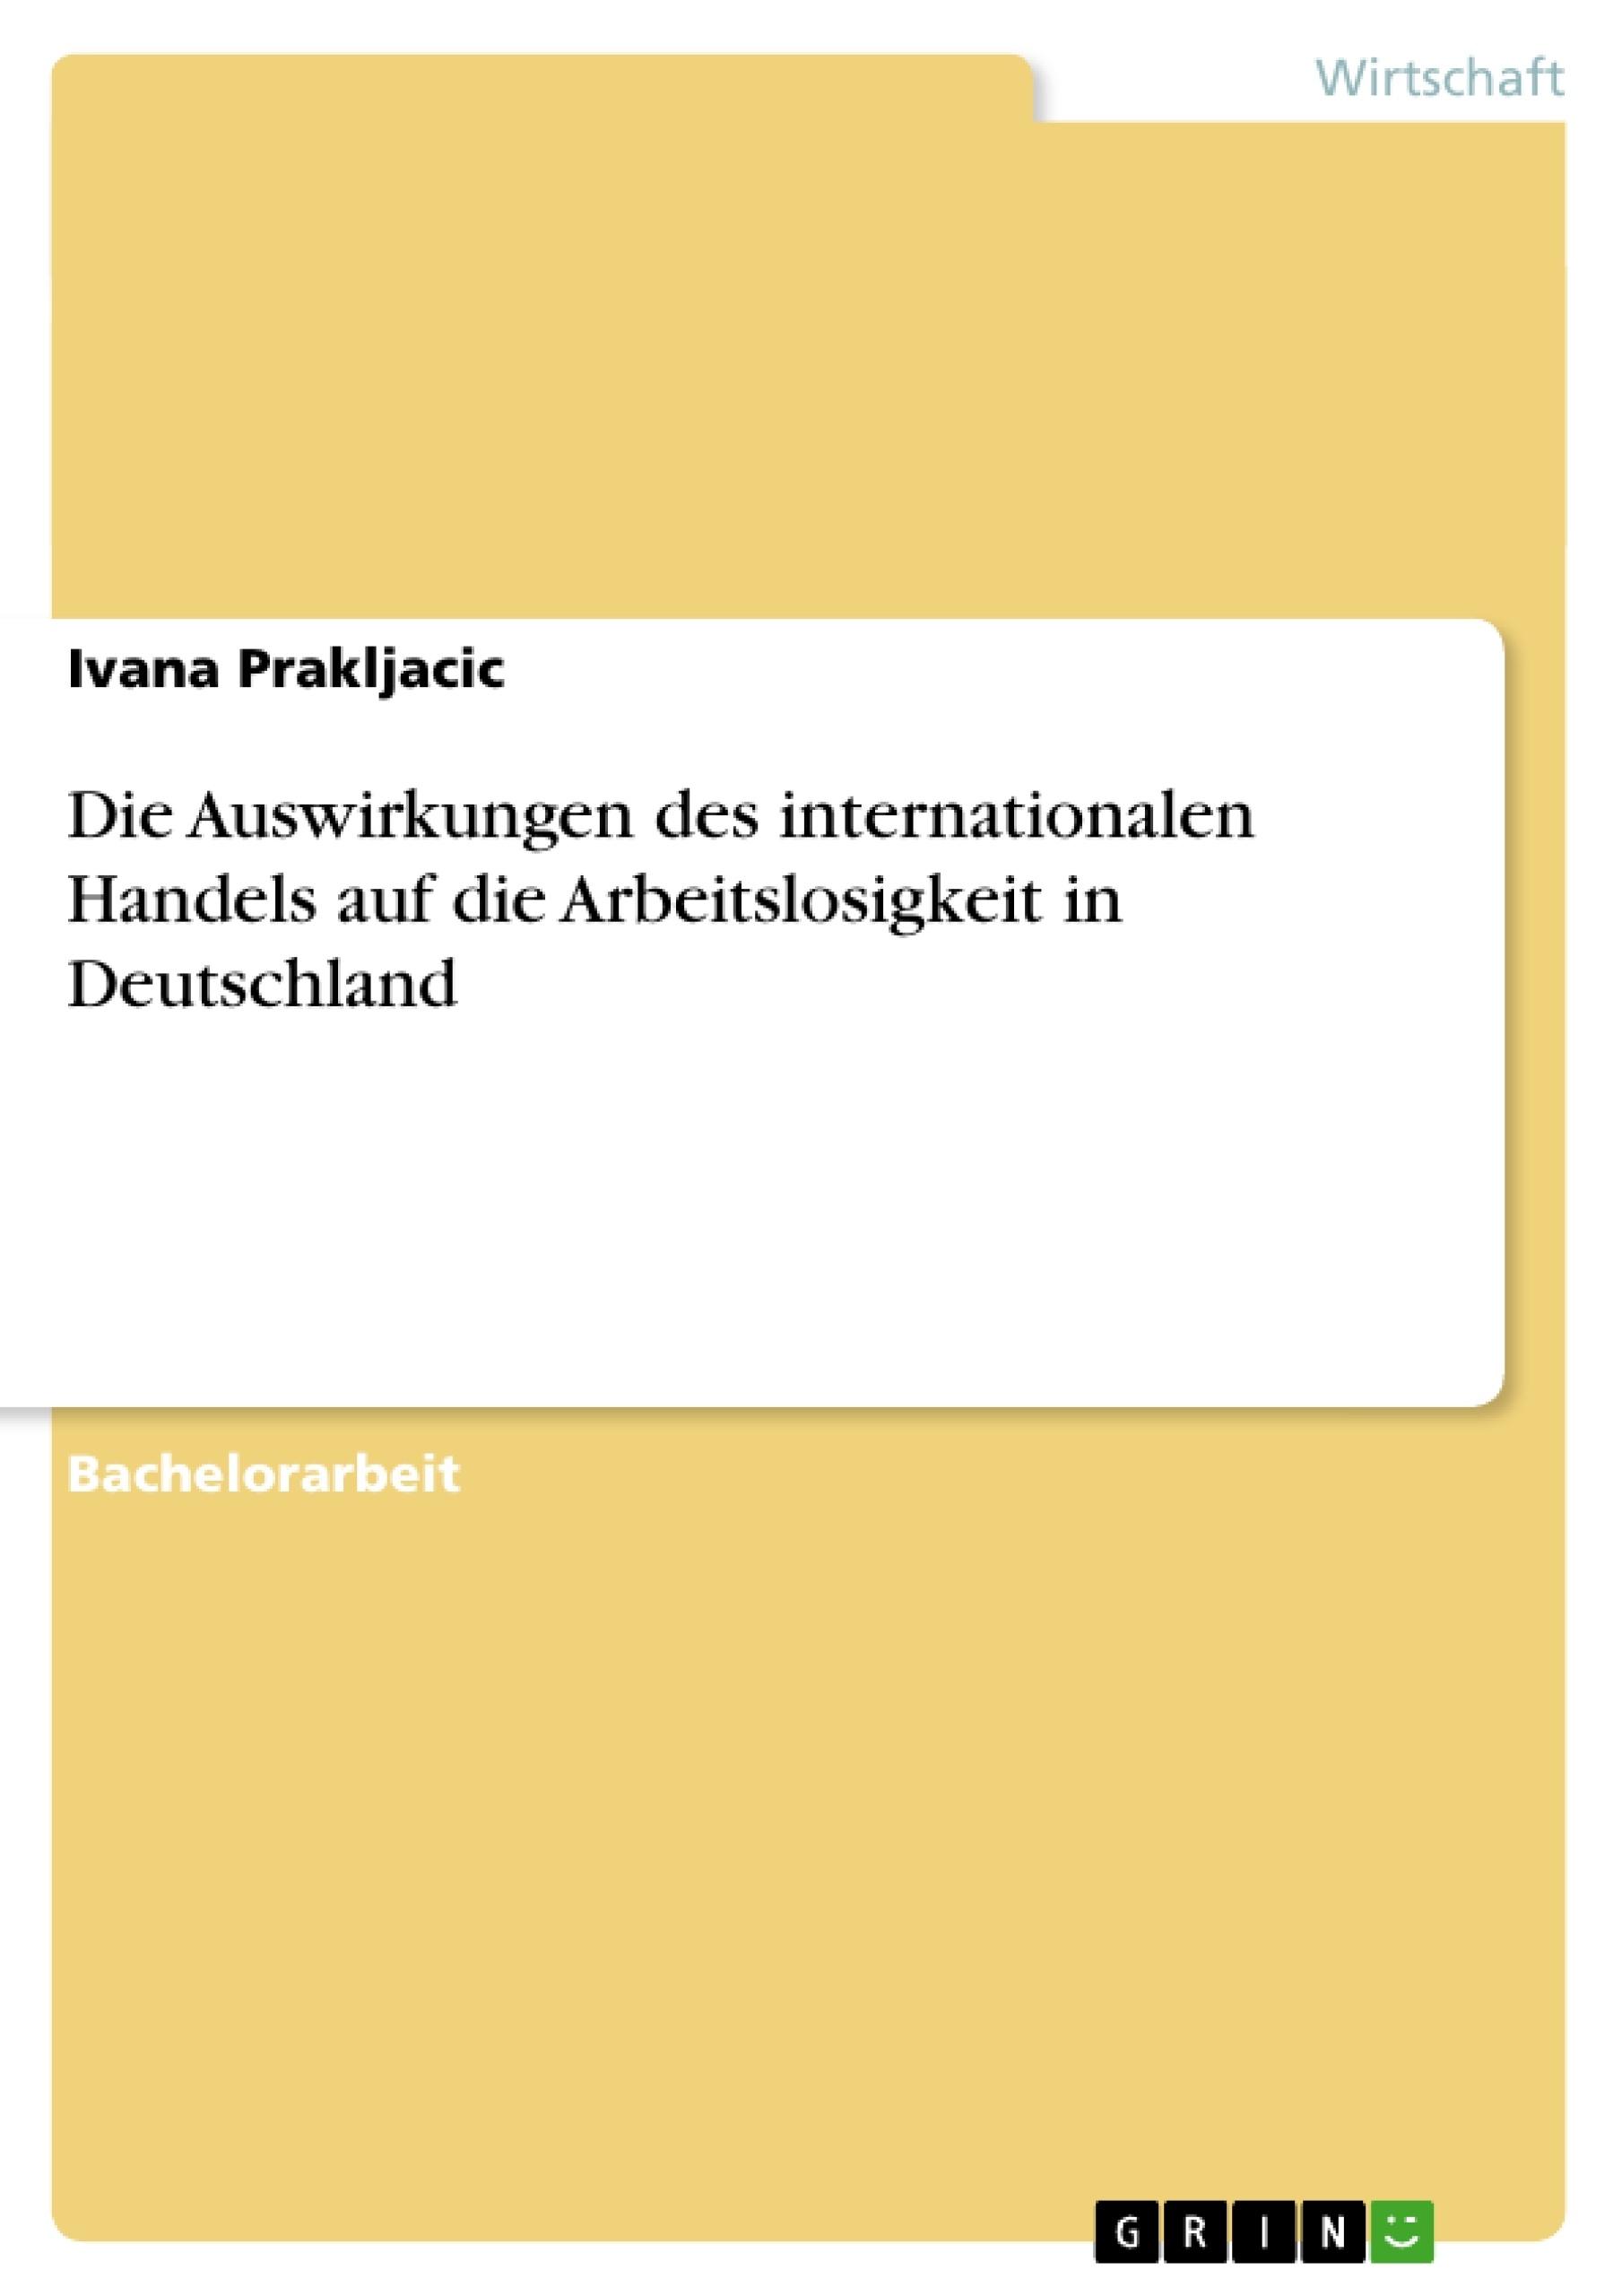 Titel: Die Auswirkungen des internationalen Handels auf die Arbeitslosigkeit in Deutschland